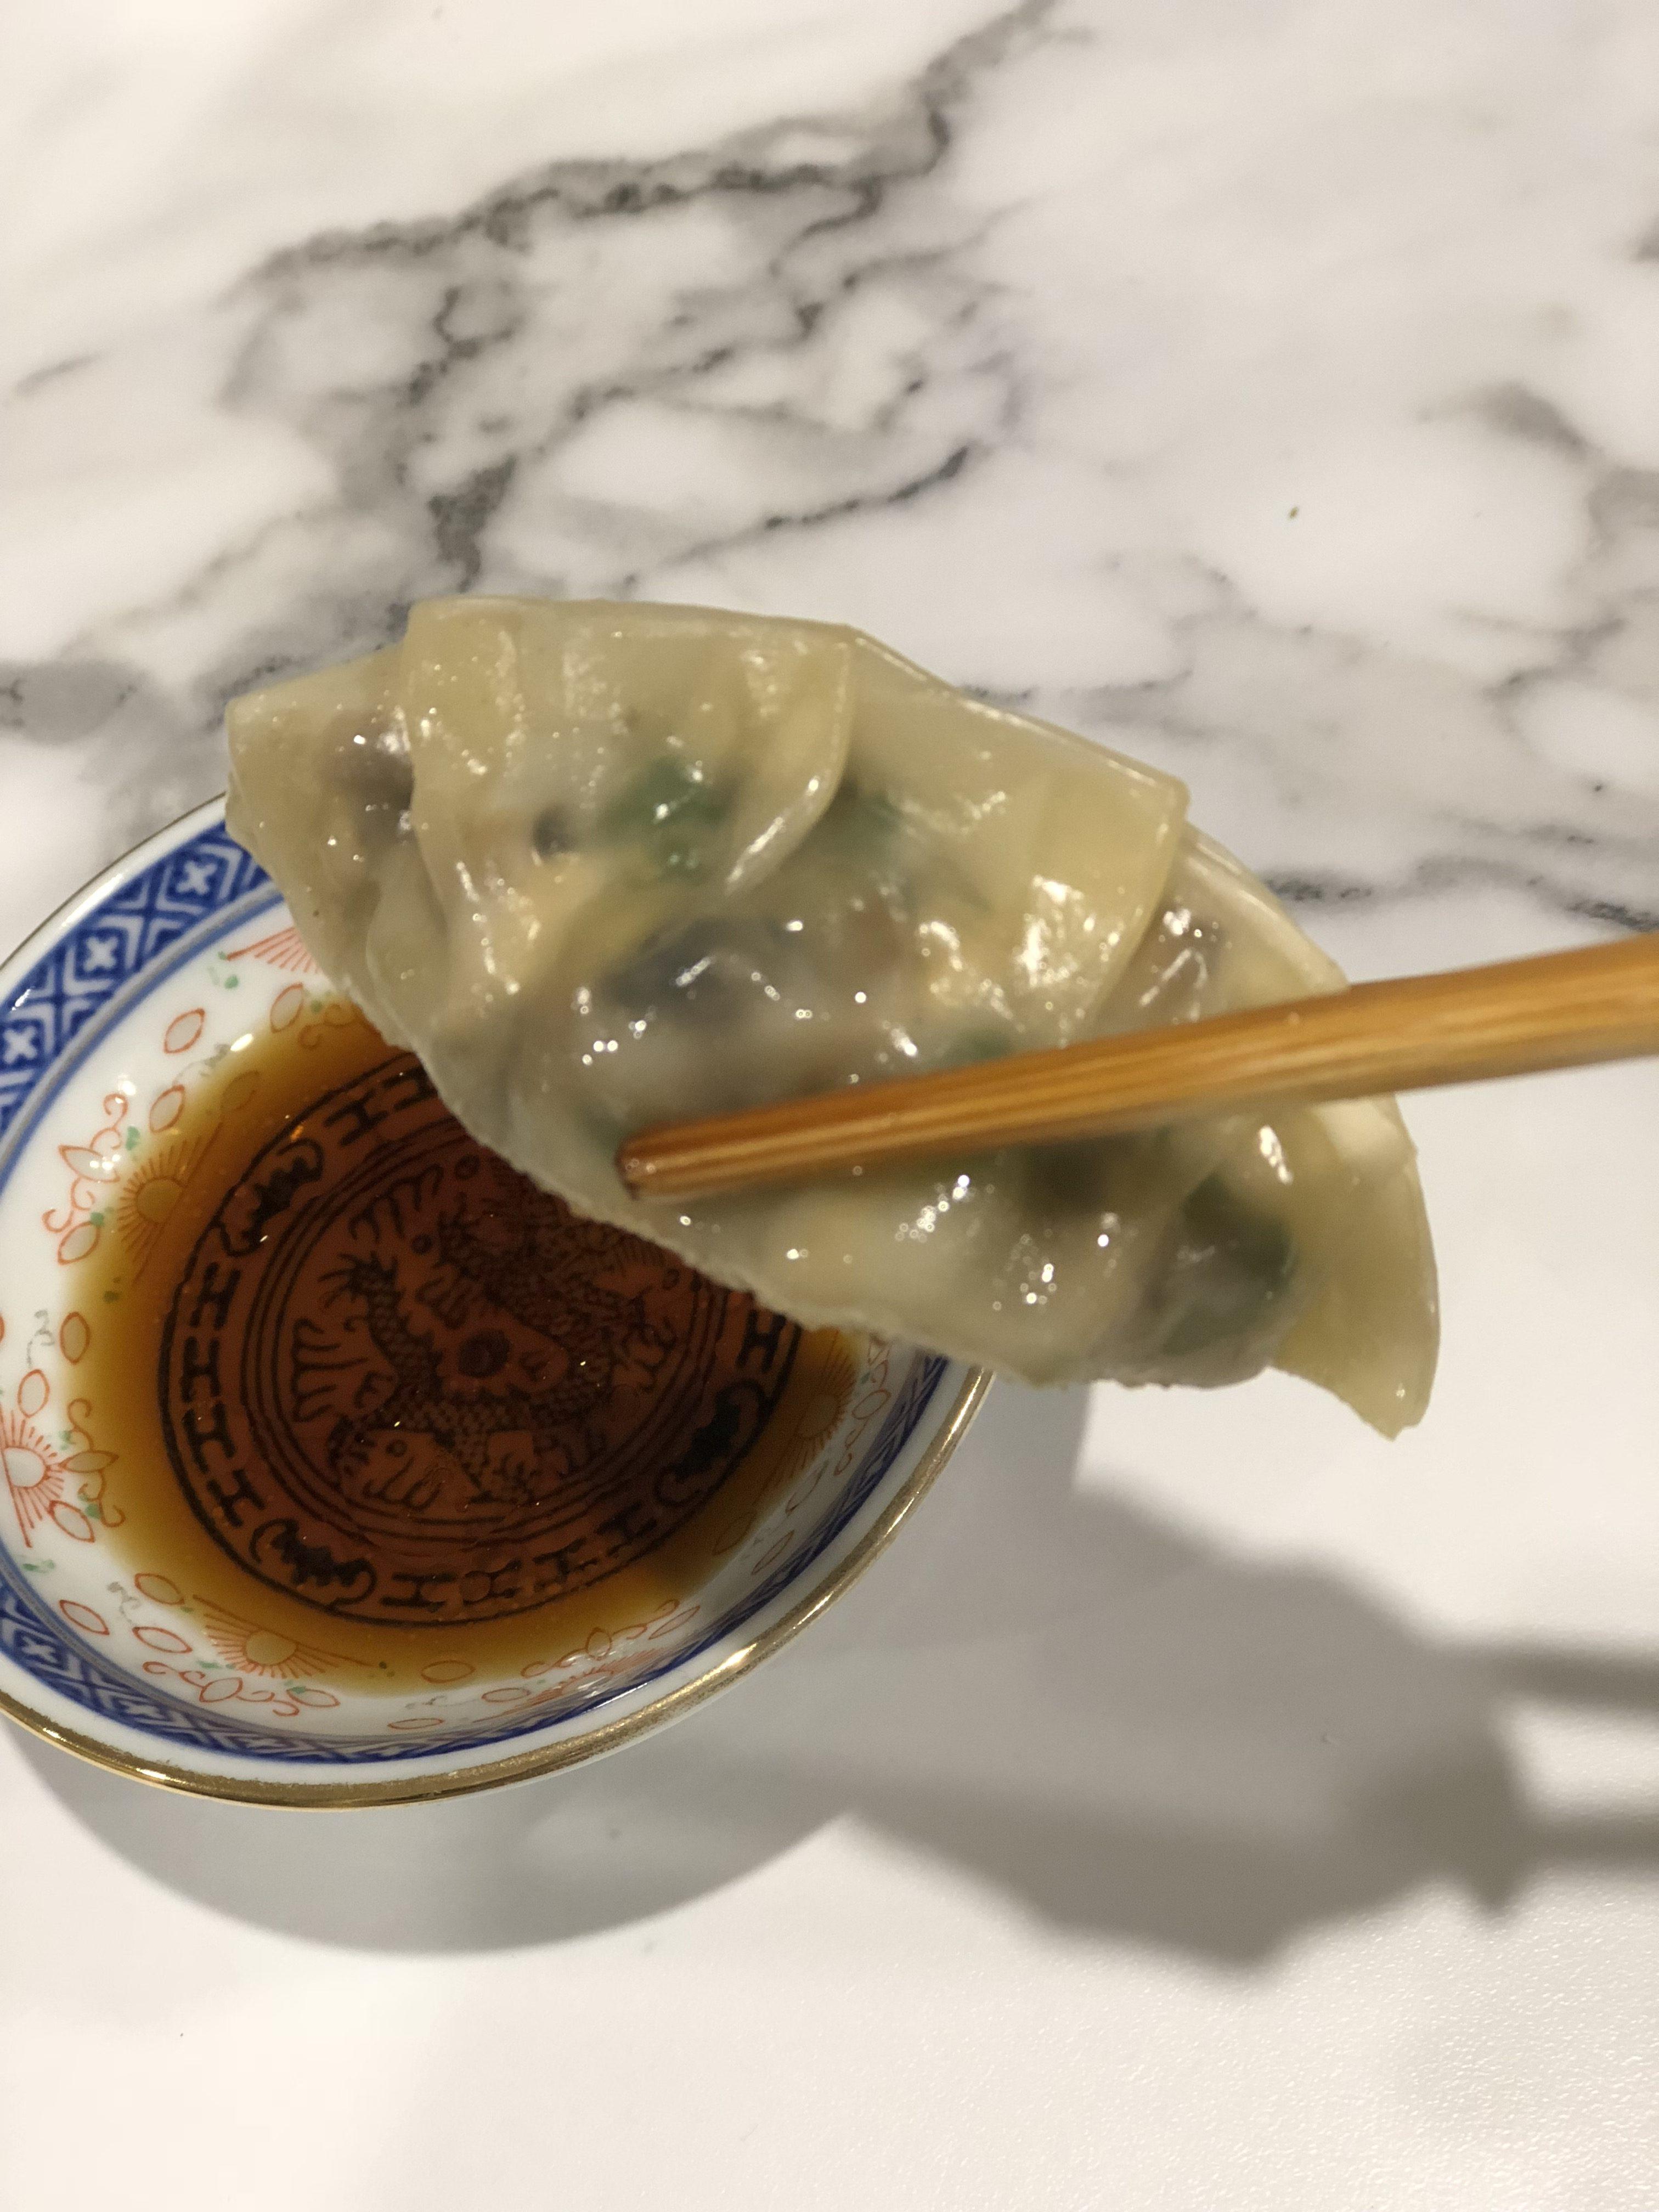 Dumpling Making Class – Hands On